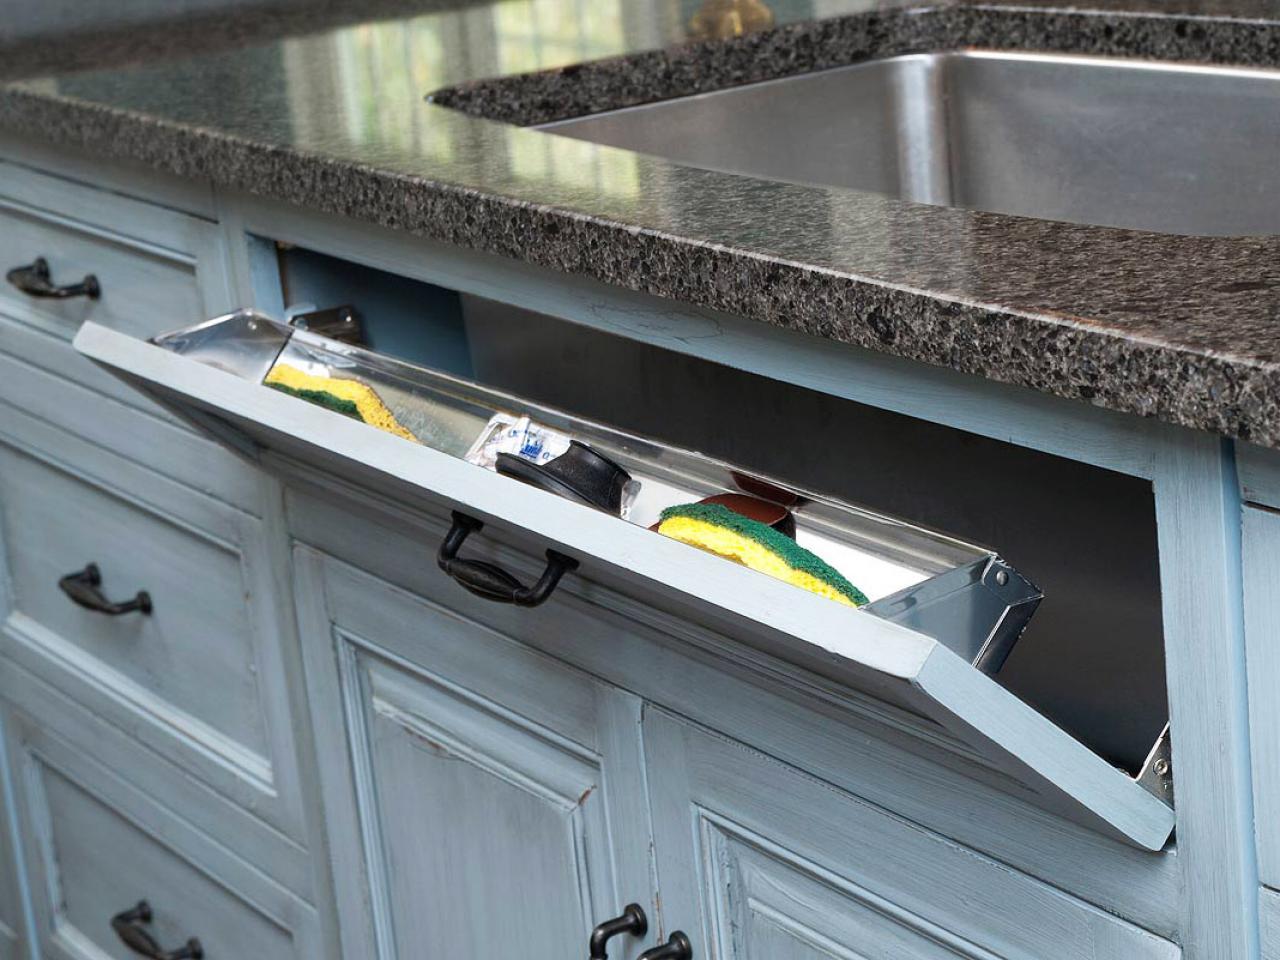 Clutter Free Kitchen Design